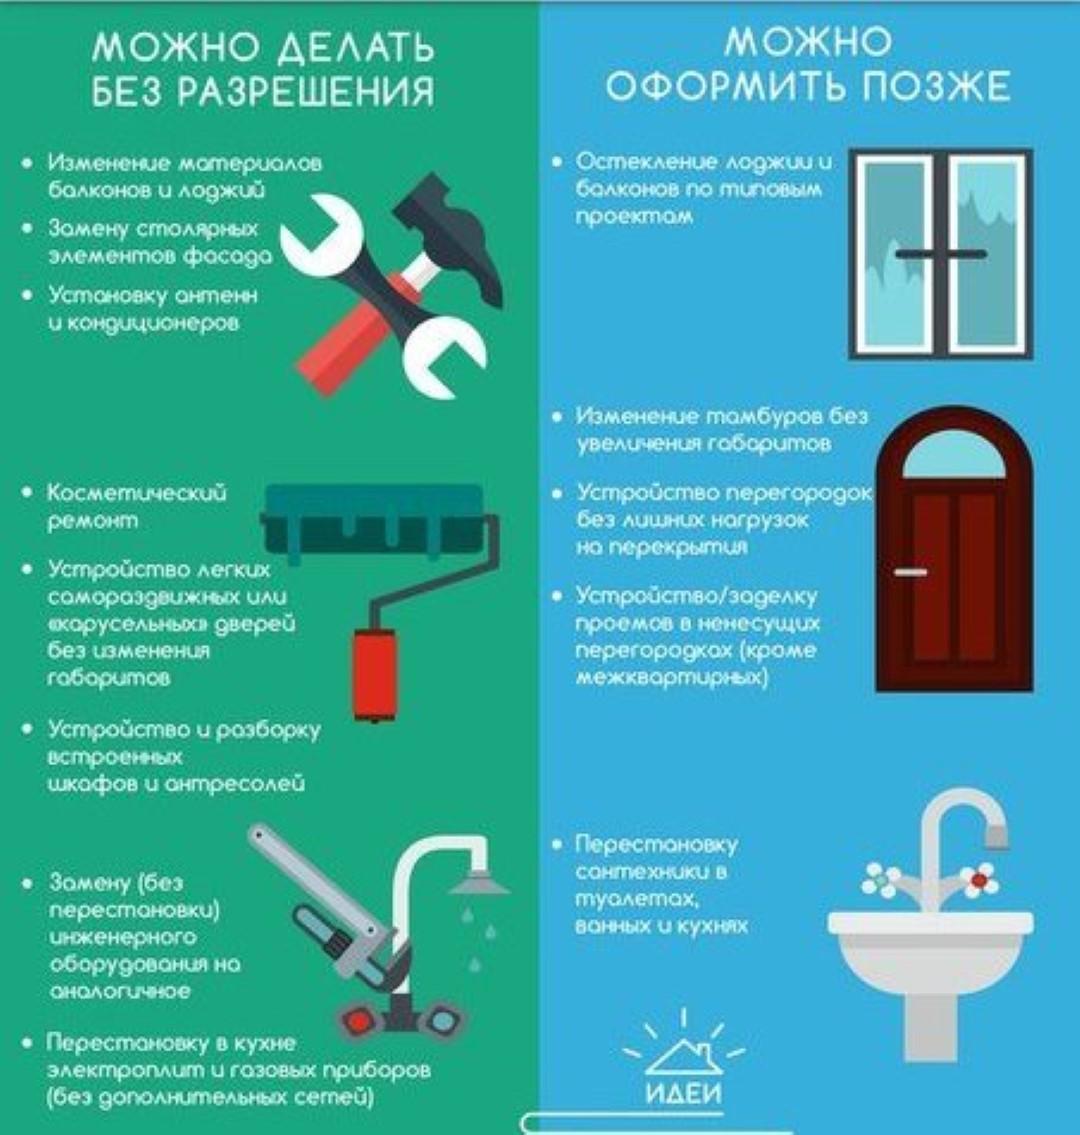 жилищный кодекс снос перегородки лоджия индивидуальное отопление